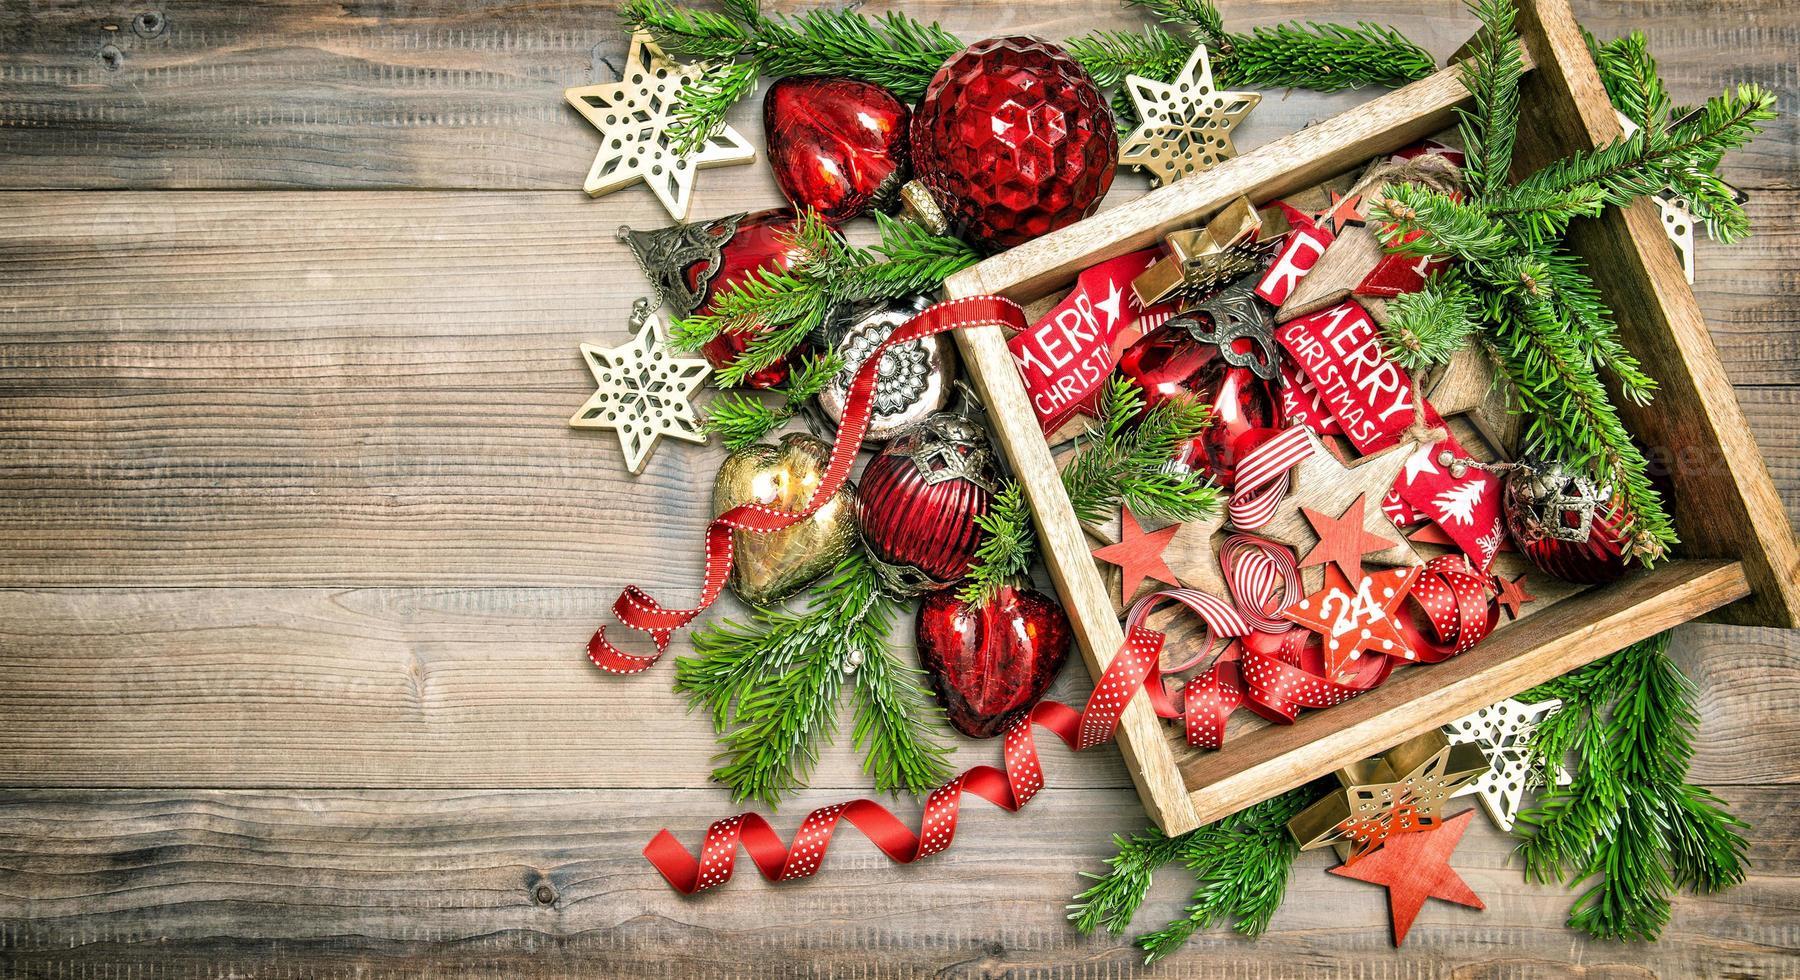 decorazioni natalizie, giocattoli e ornamenti vintage foto